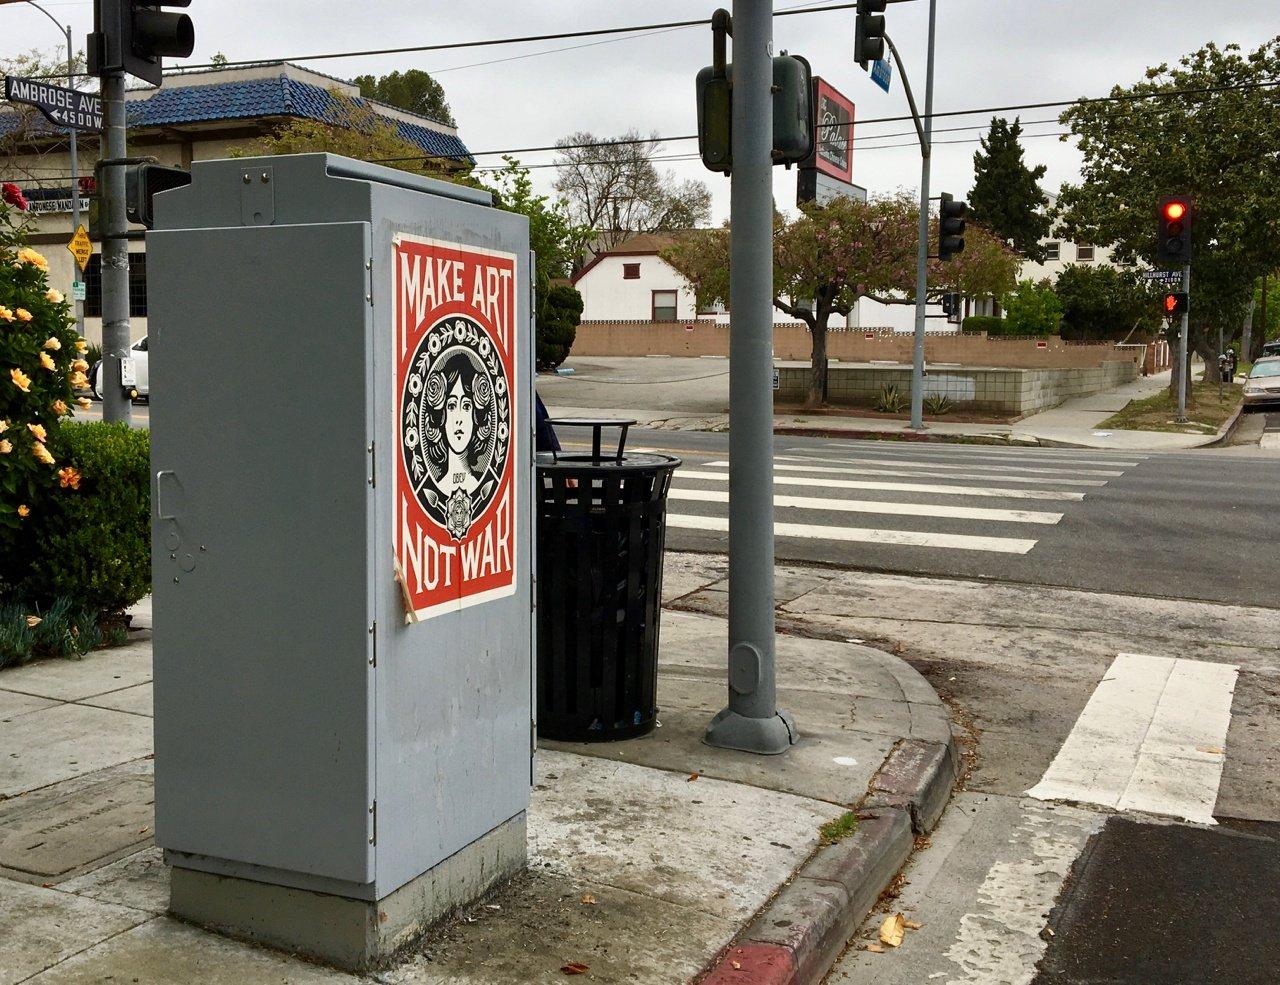 Classic Street Art in Los Feliz